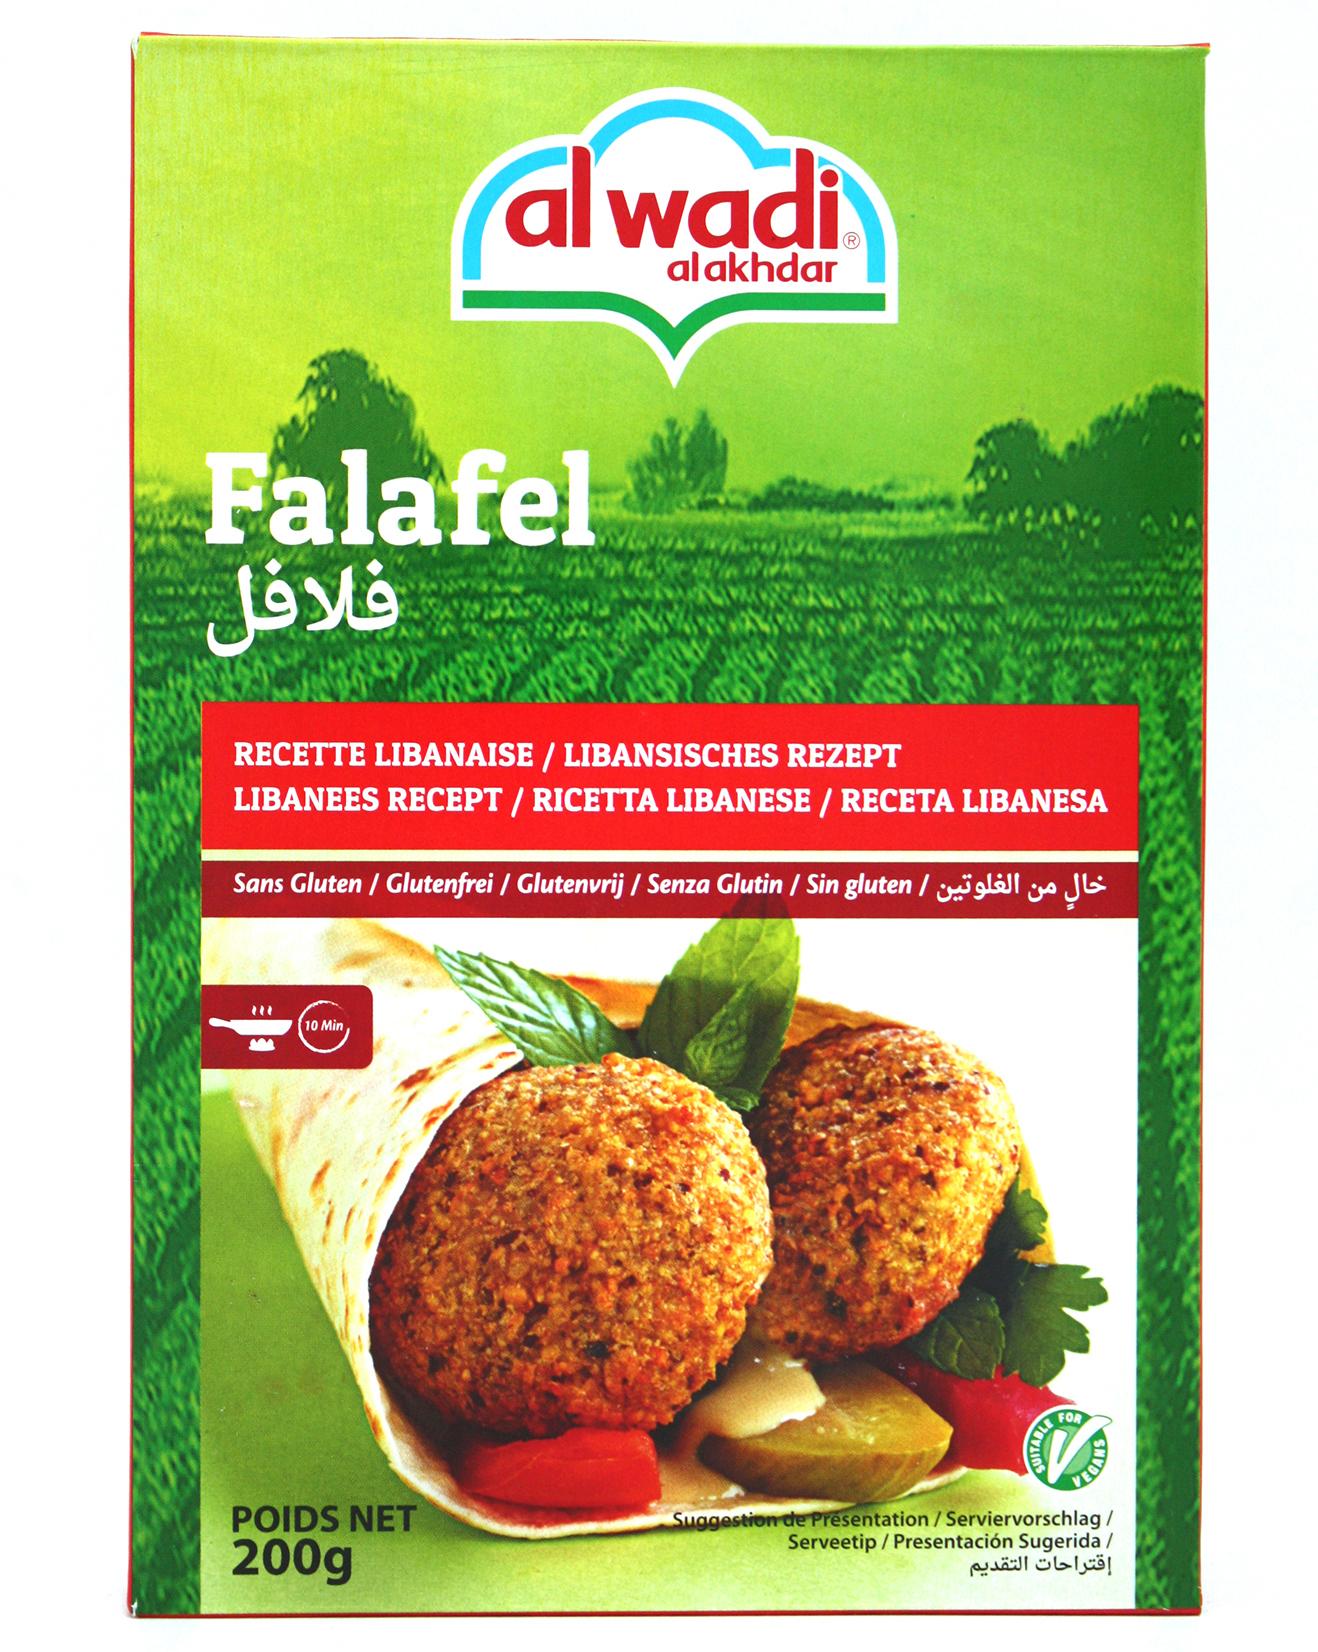 Полуфабрикаты Смесь для фалафеля, Al Wadi, 200 г import_files_5c_5c88cdccf0e411e9a9ba484d7ecee297_b074d4bdf98811e9a9ba484d7ecee297.jpg